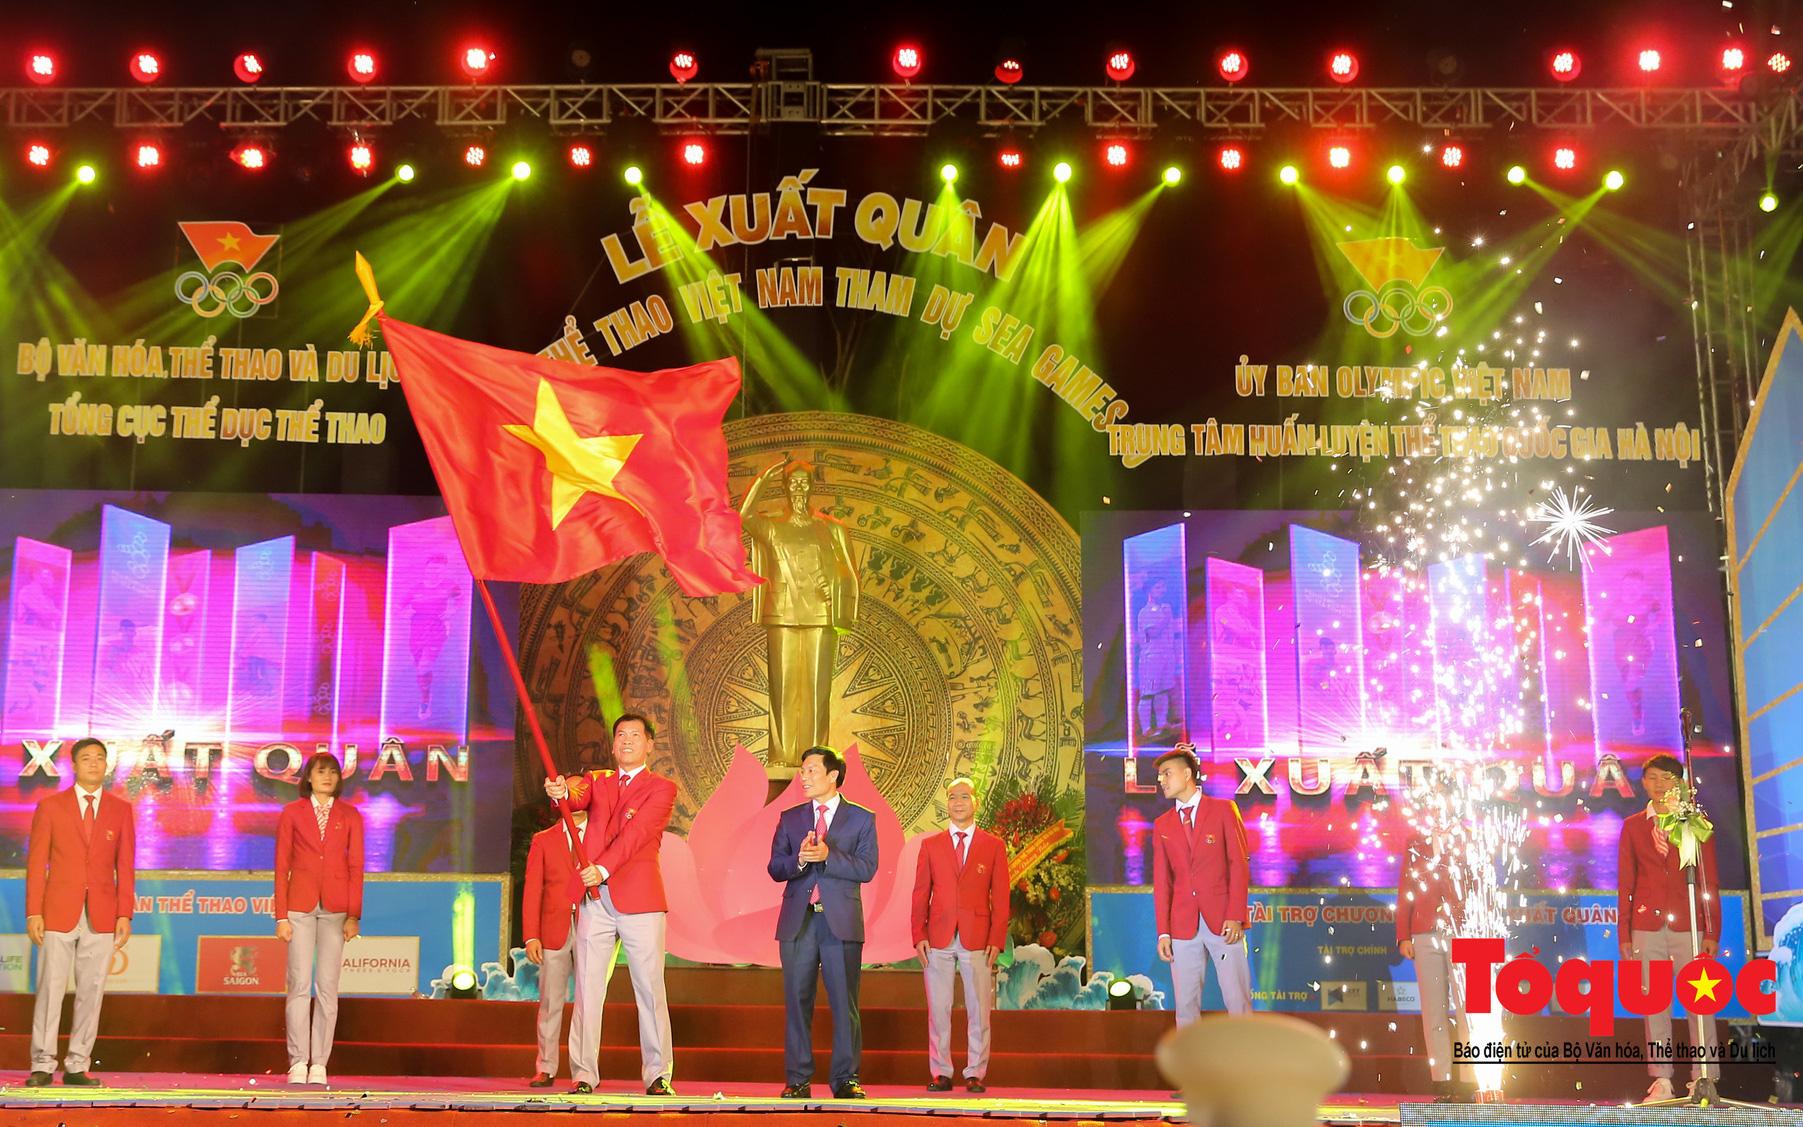 Chùm ảnh: Lễ xuất quân Đoàn Thể thao Việt Nam tham dự SEA Games 30